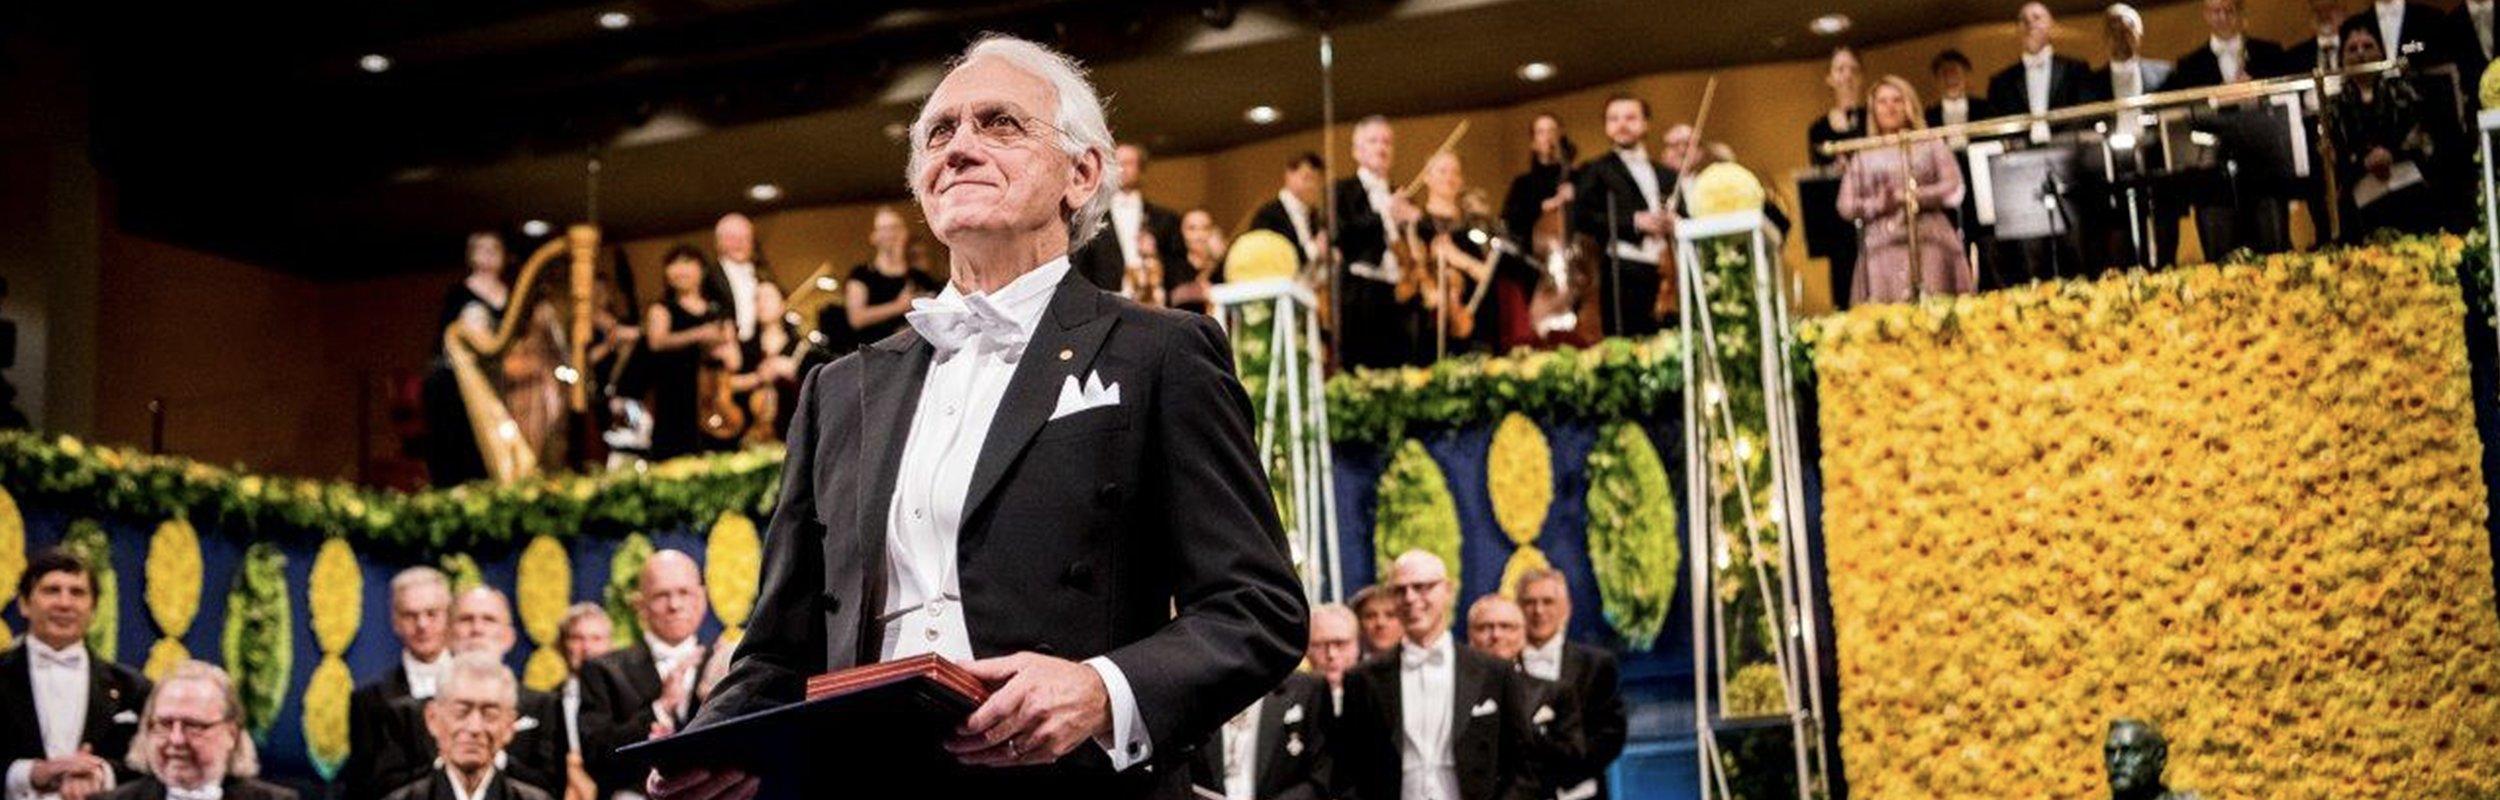 Il premio Nobel per la Fisica 2018 Gérard Mourou in visita a  Quanta System (Gruppo El.En.), l'eccellenza italiana dei laser